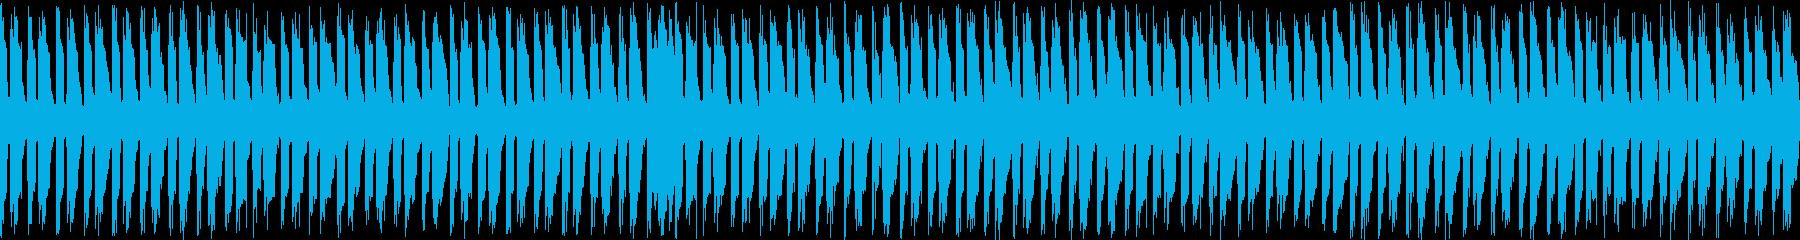 ギターとピアノの主張なしのループ曲の再生済みの波形